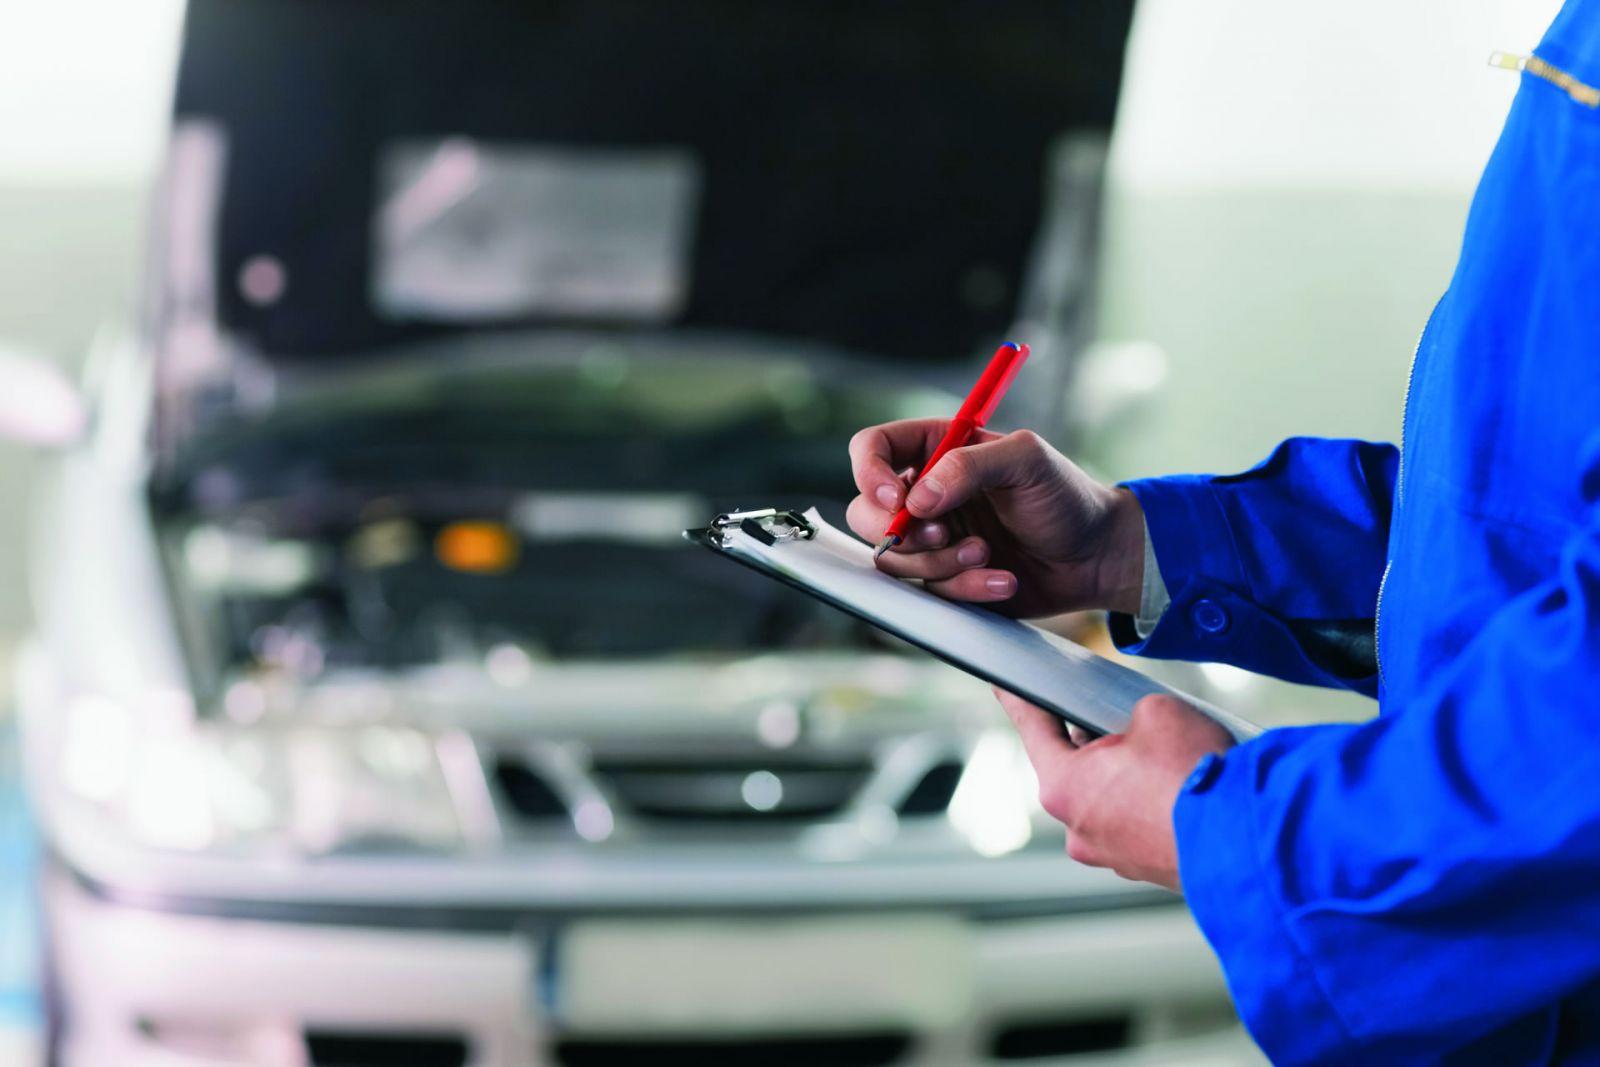 Отказали в гарантийном ремонте автомобиля, что делать?